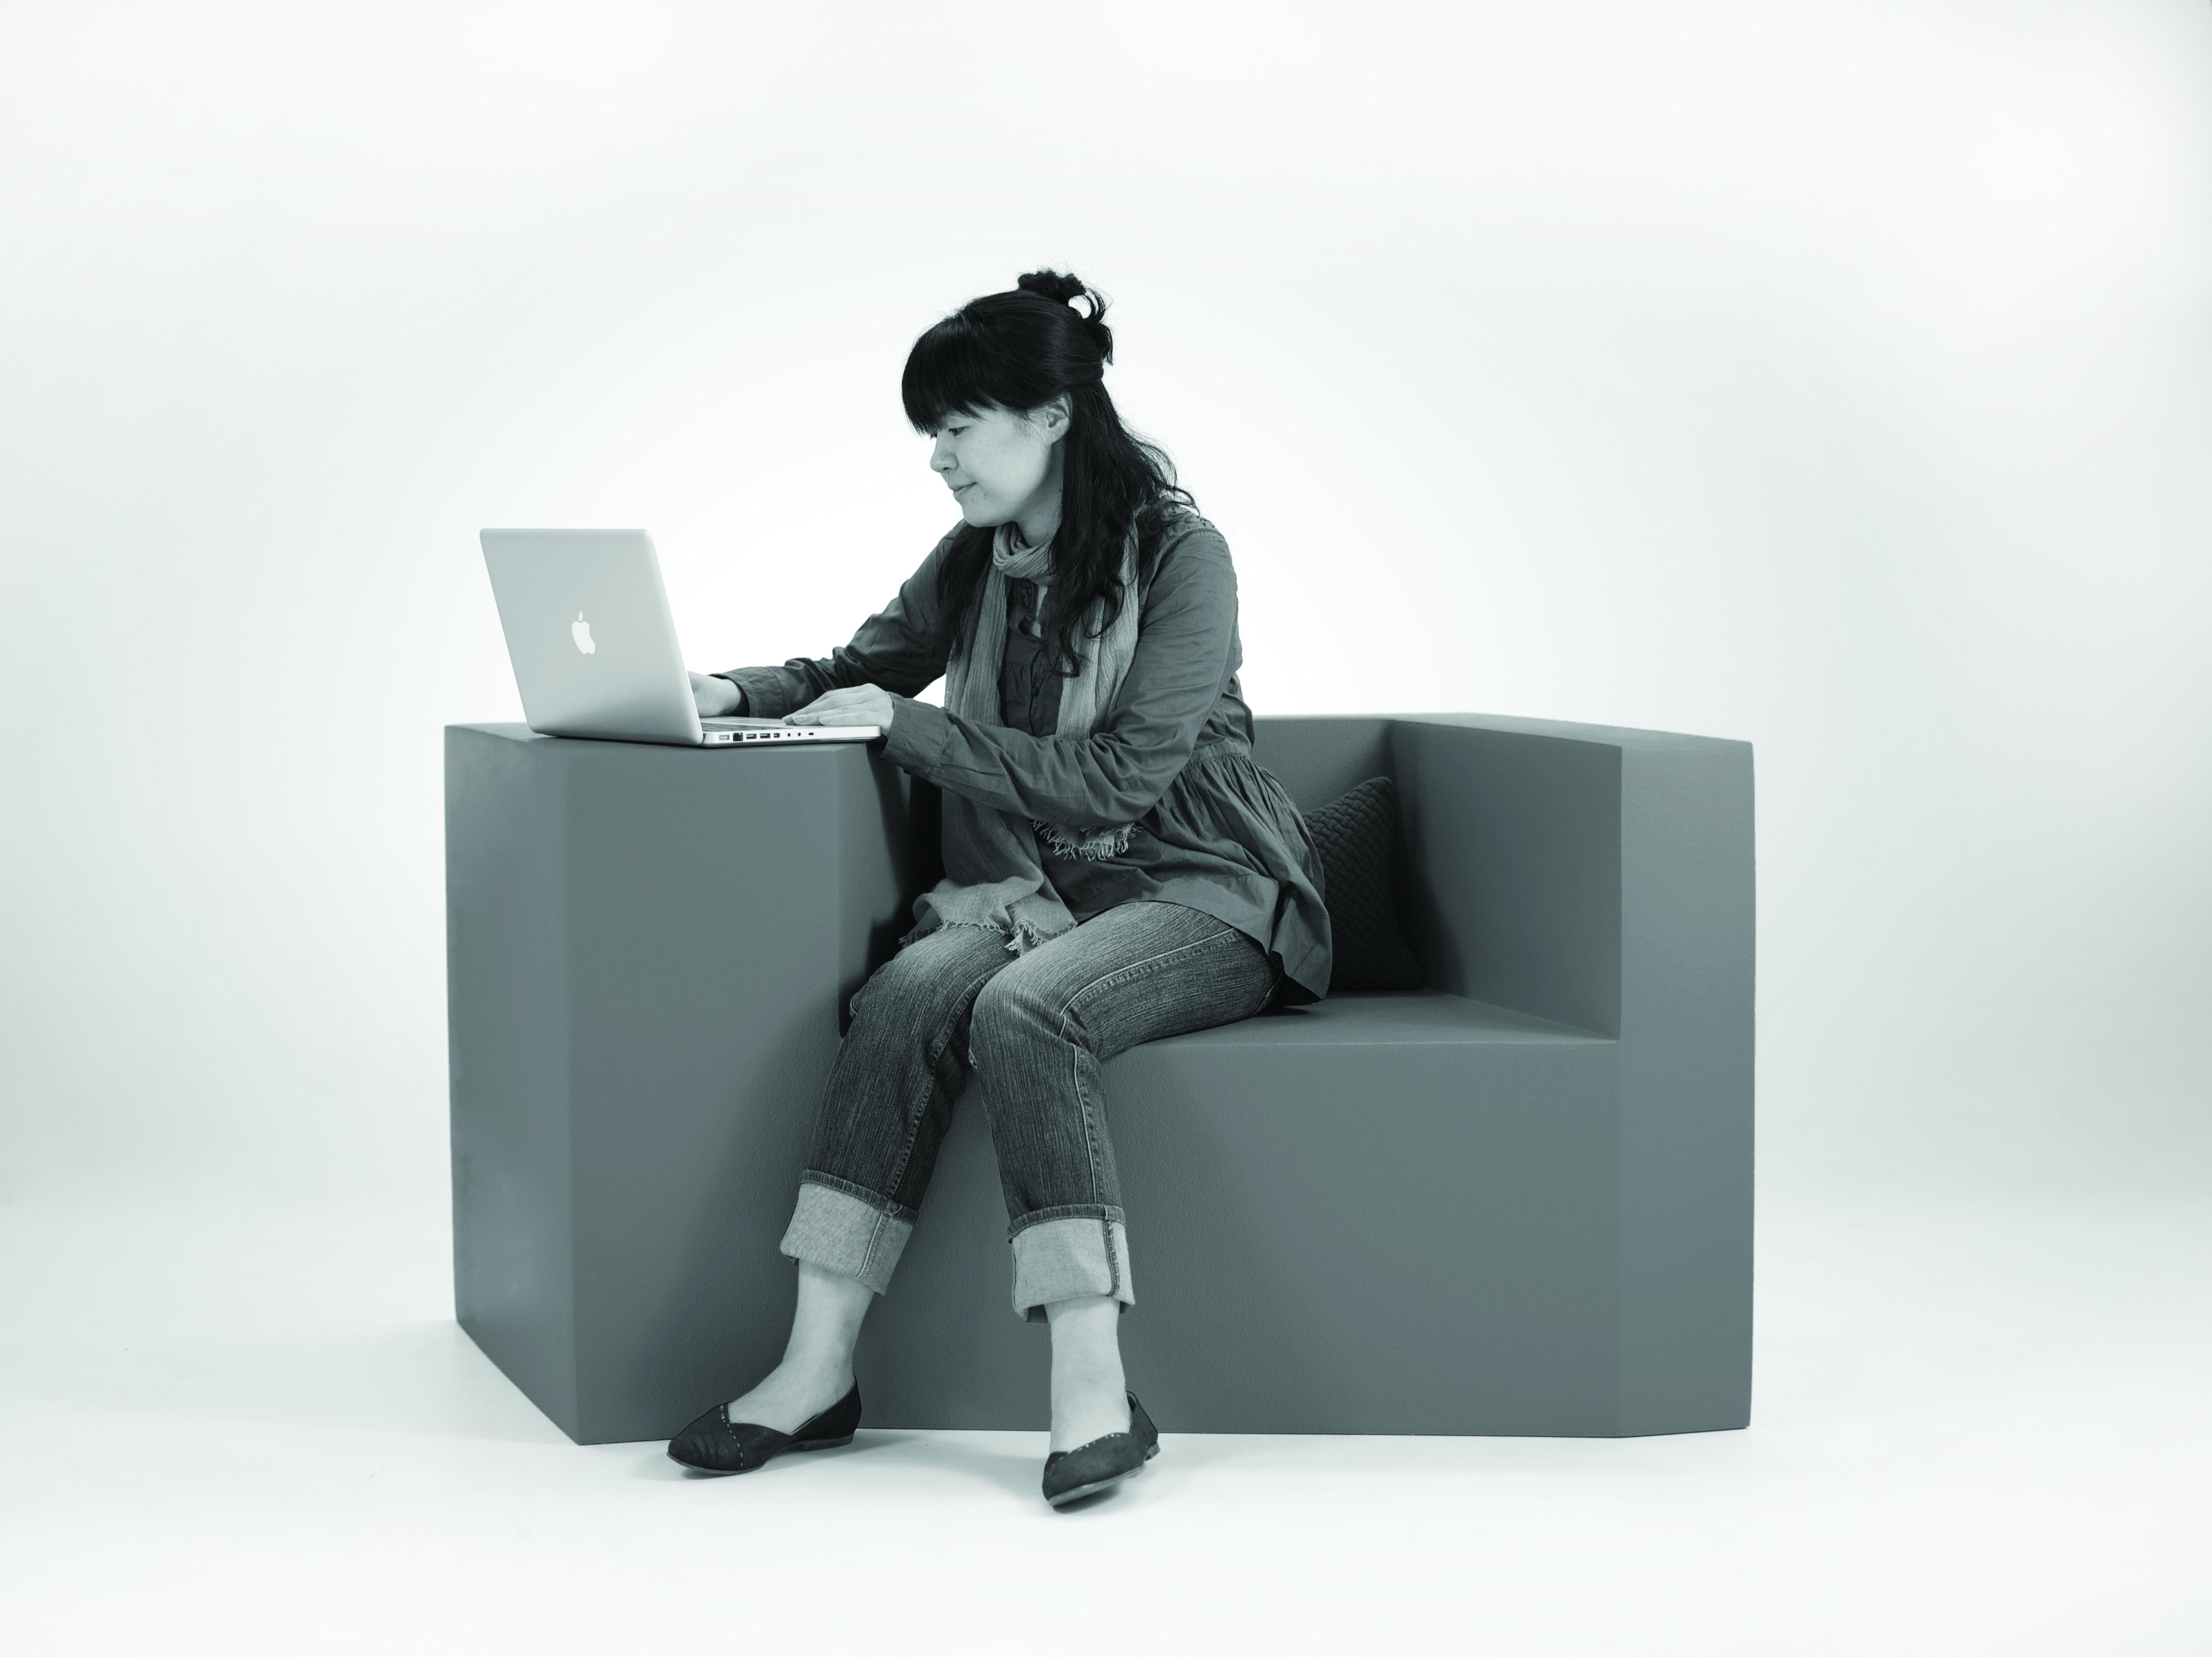 Dai Sofa 01 design by Kazuko Okamoto